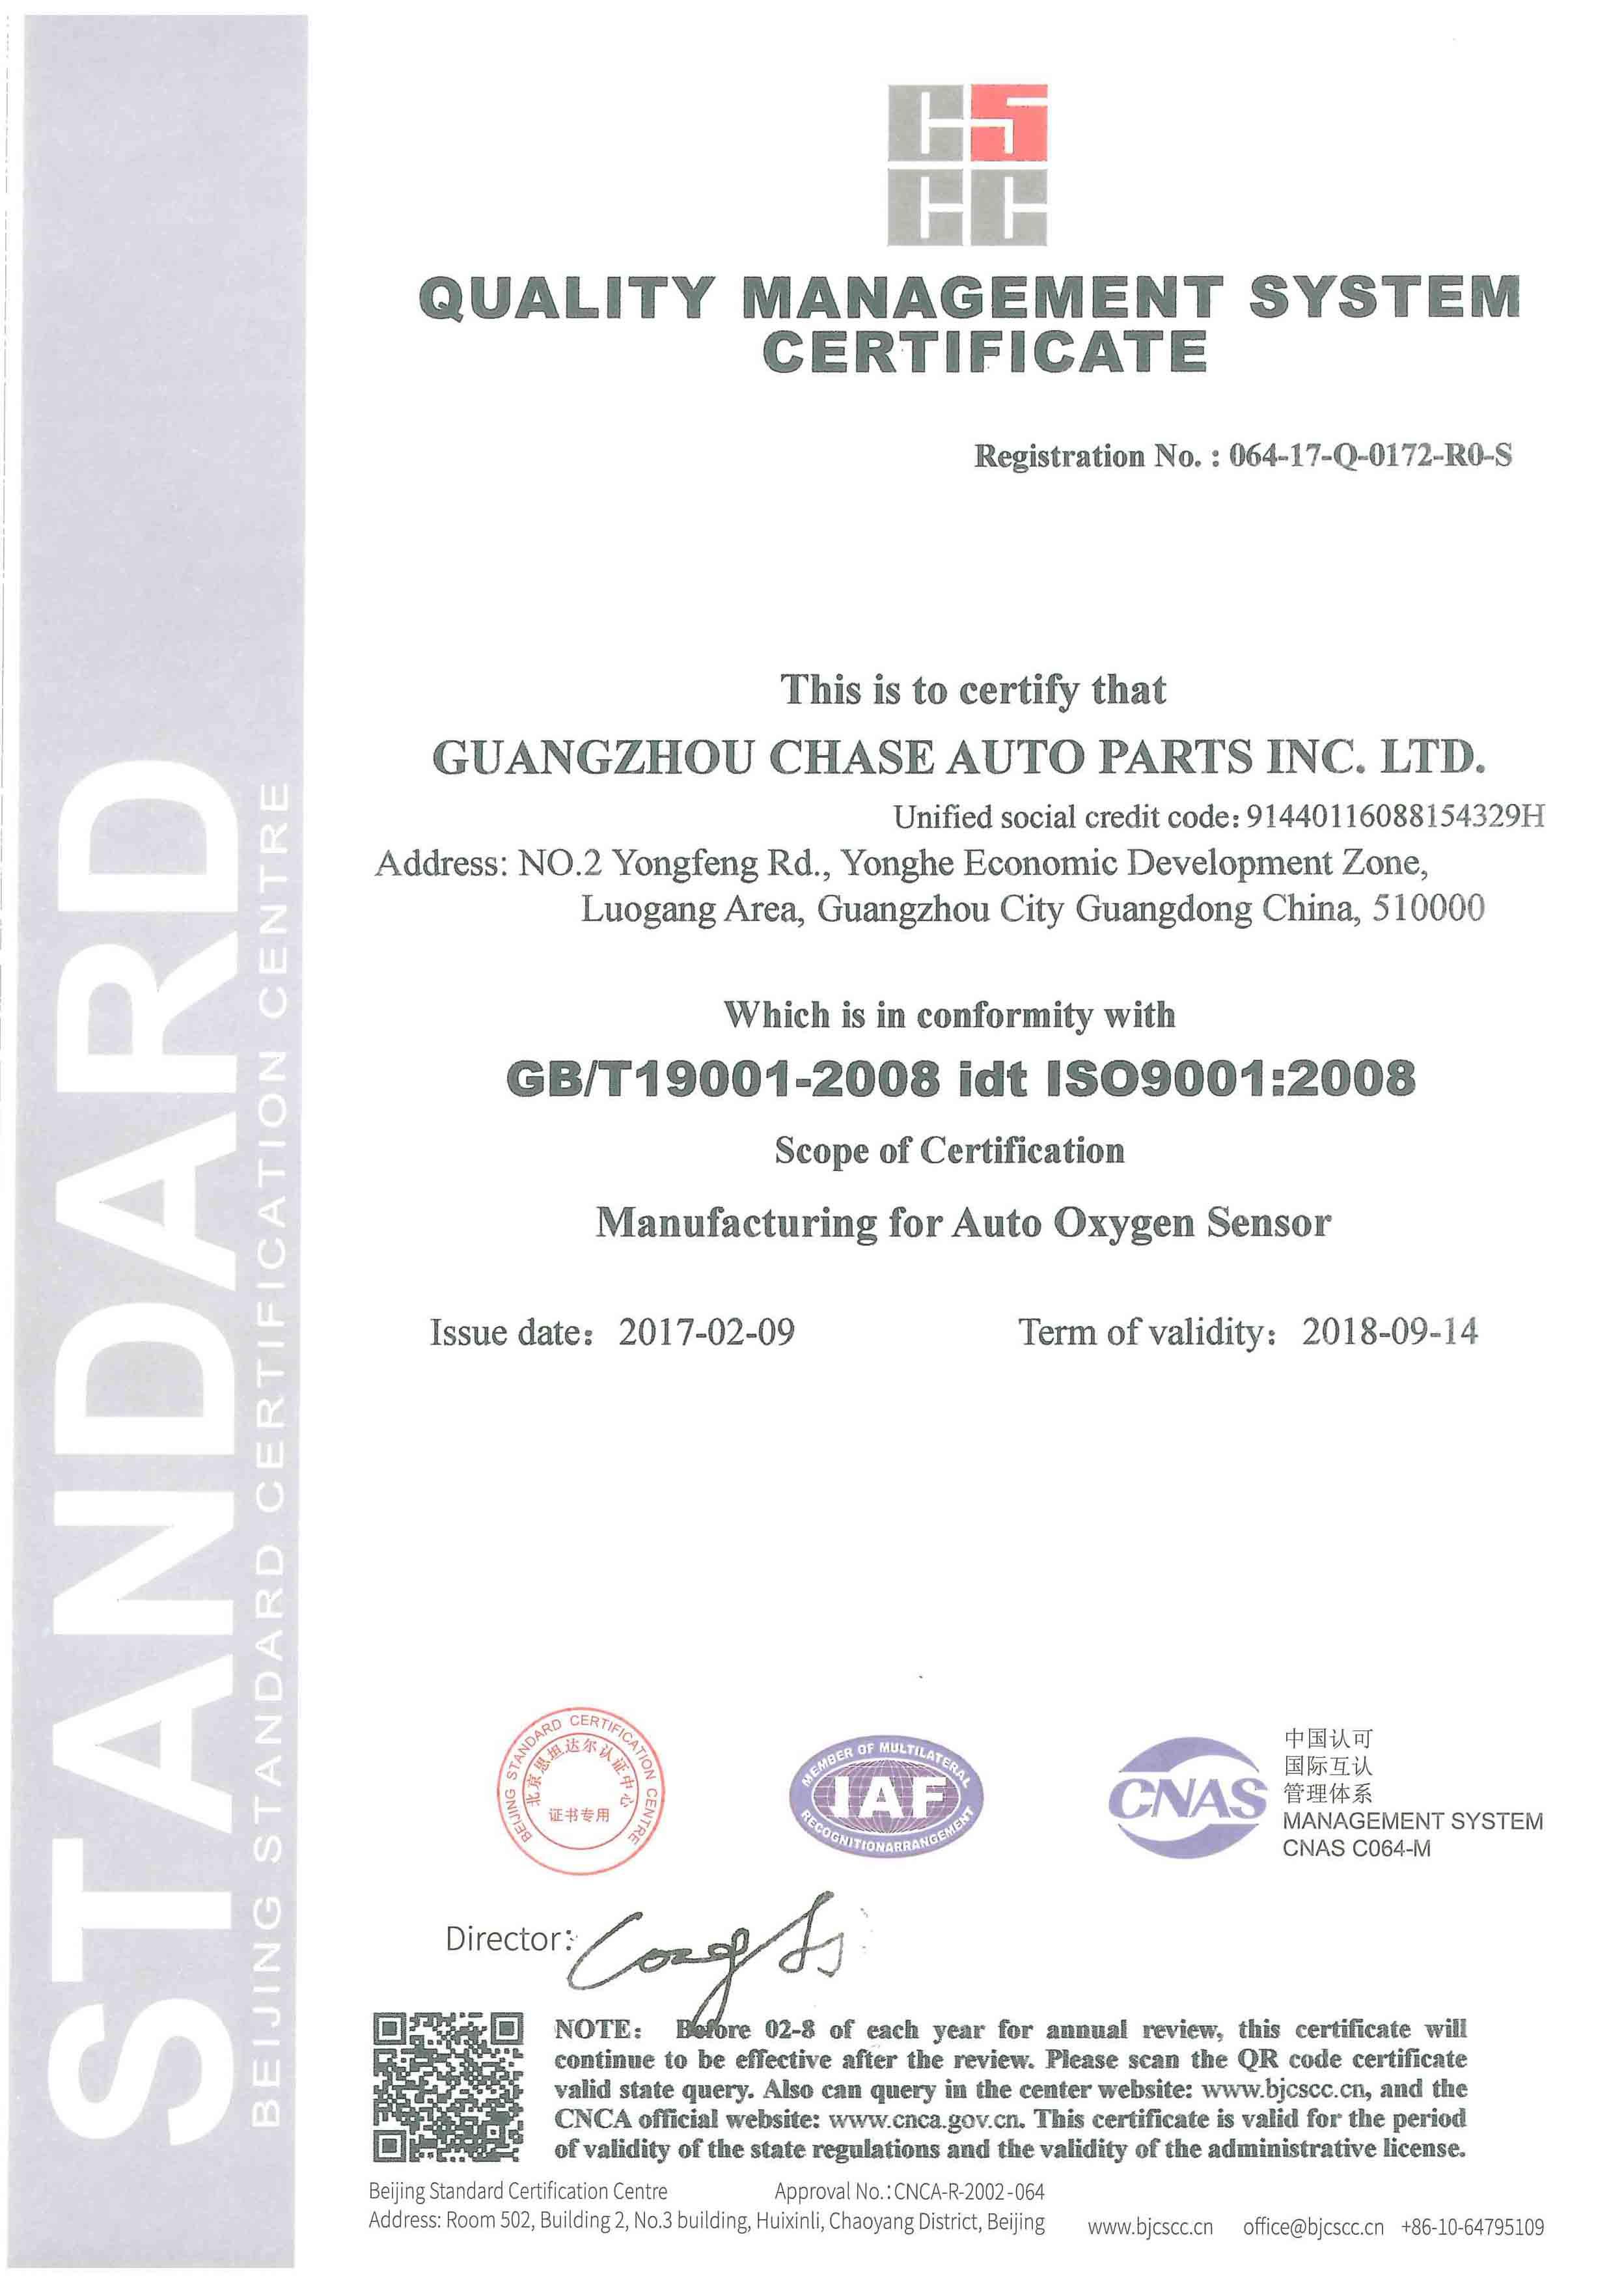 GB/T19001-2008 idt ISO9001:2008